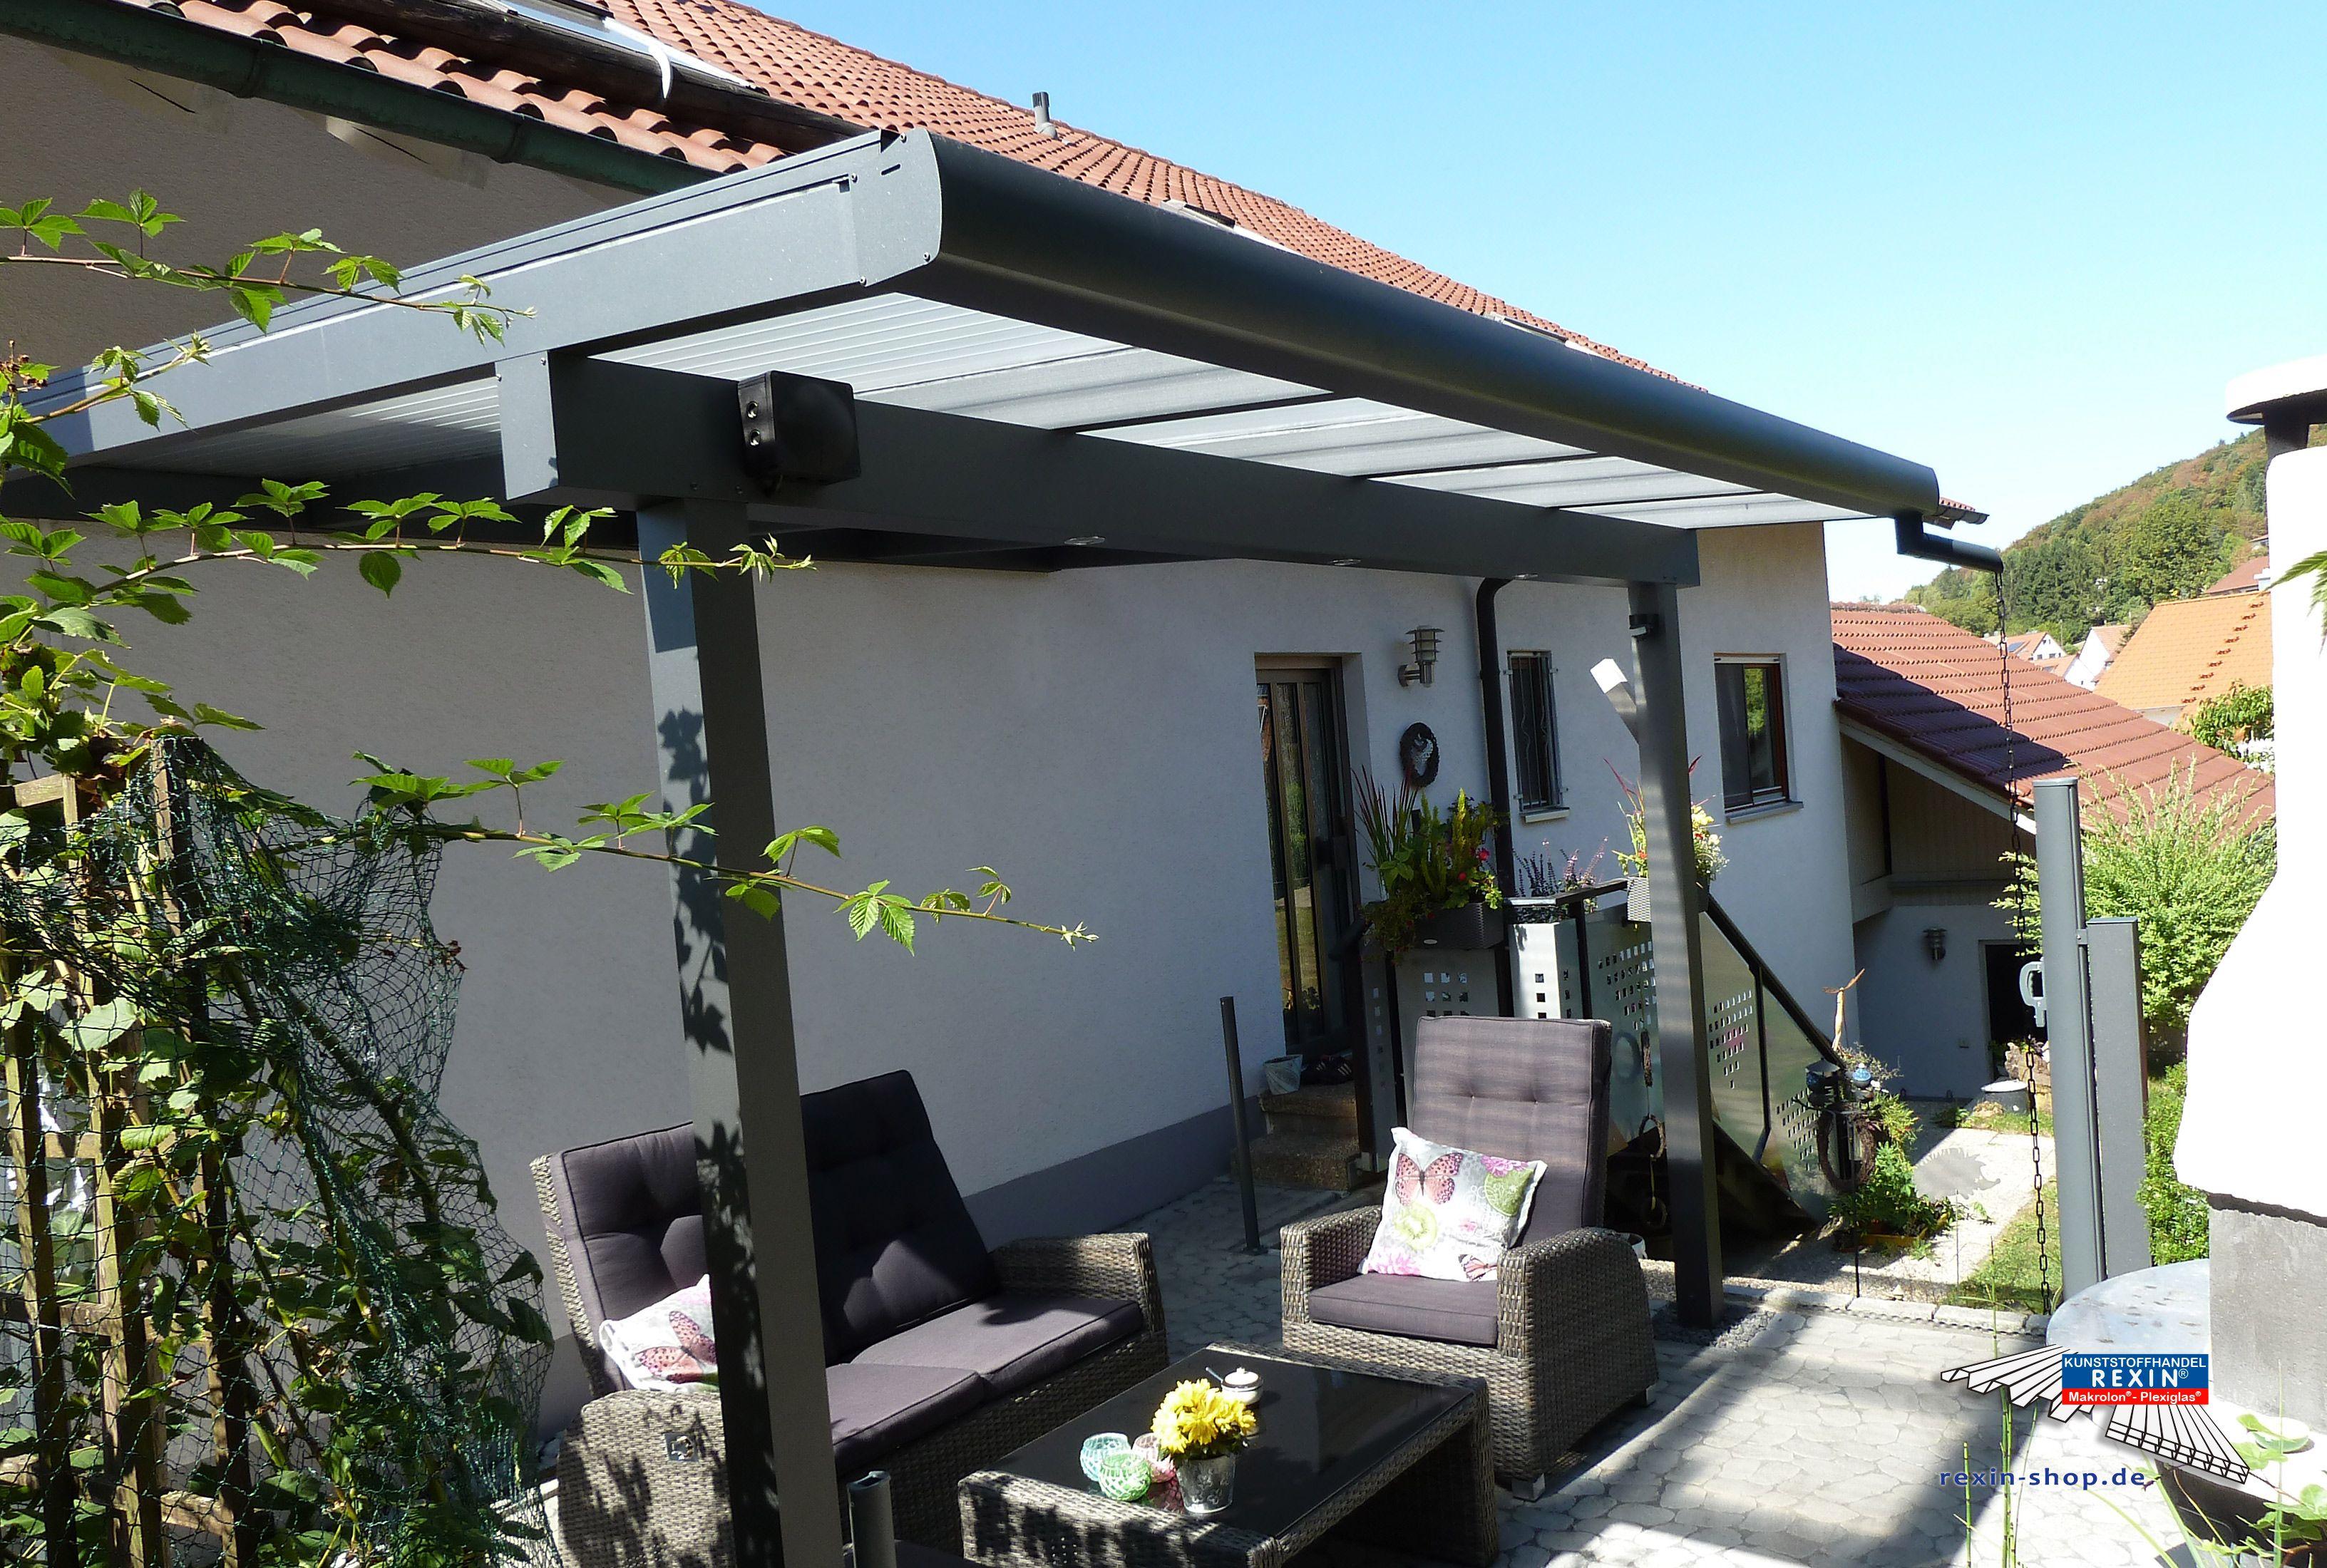 Nice Ein Alu Terrassendach der Marke REXOclassic m x m in Anthrazit mit Plexiglas